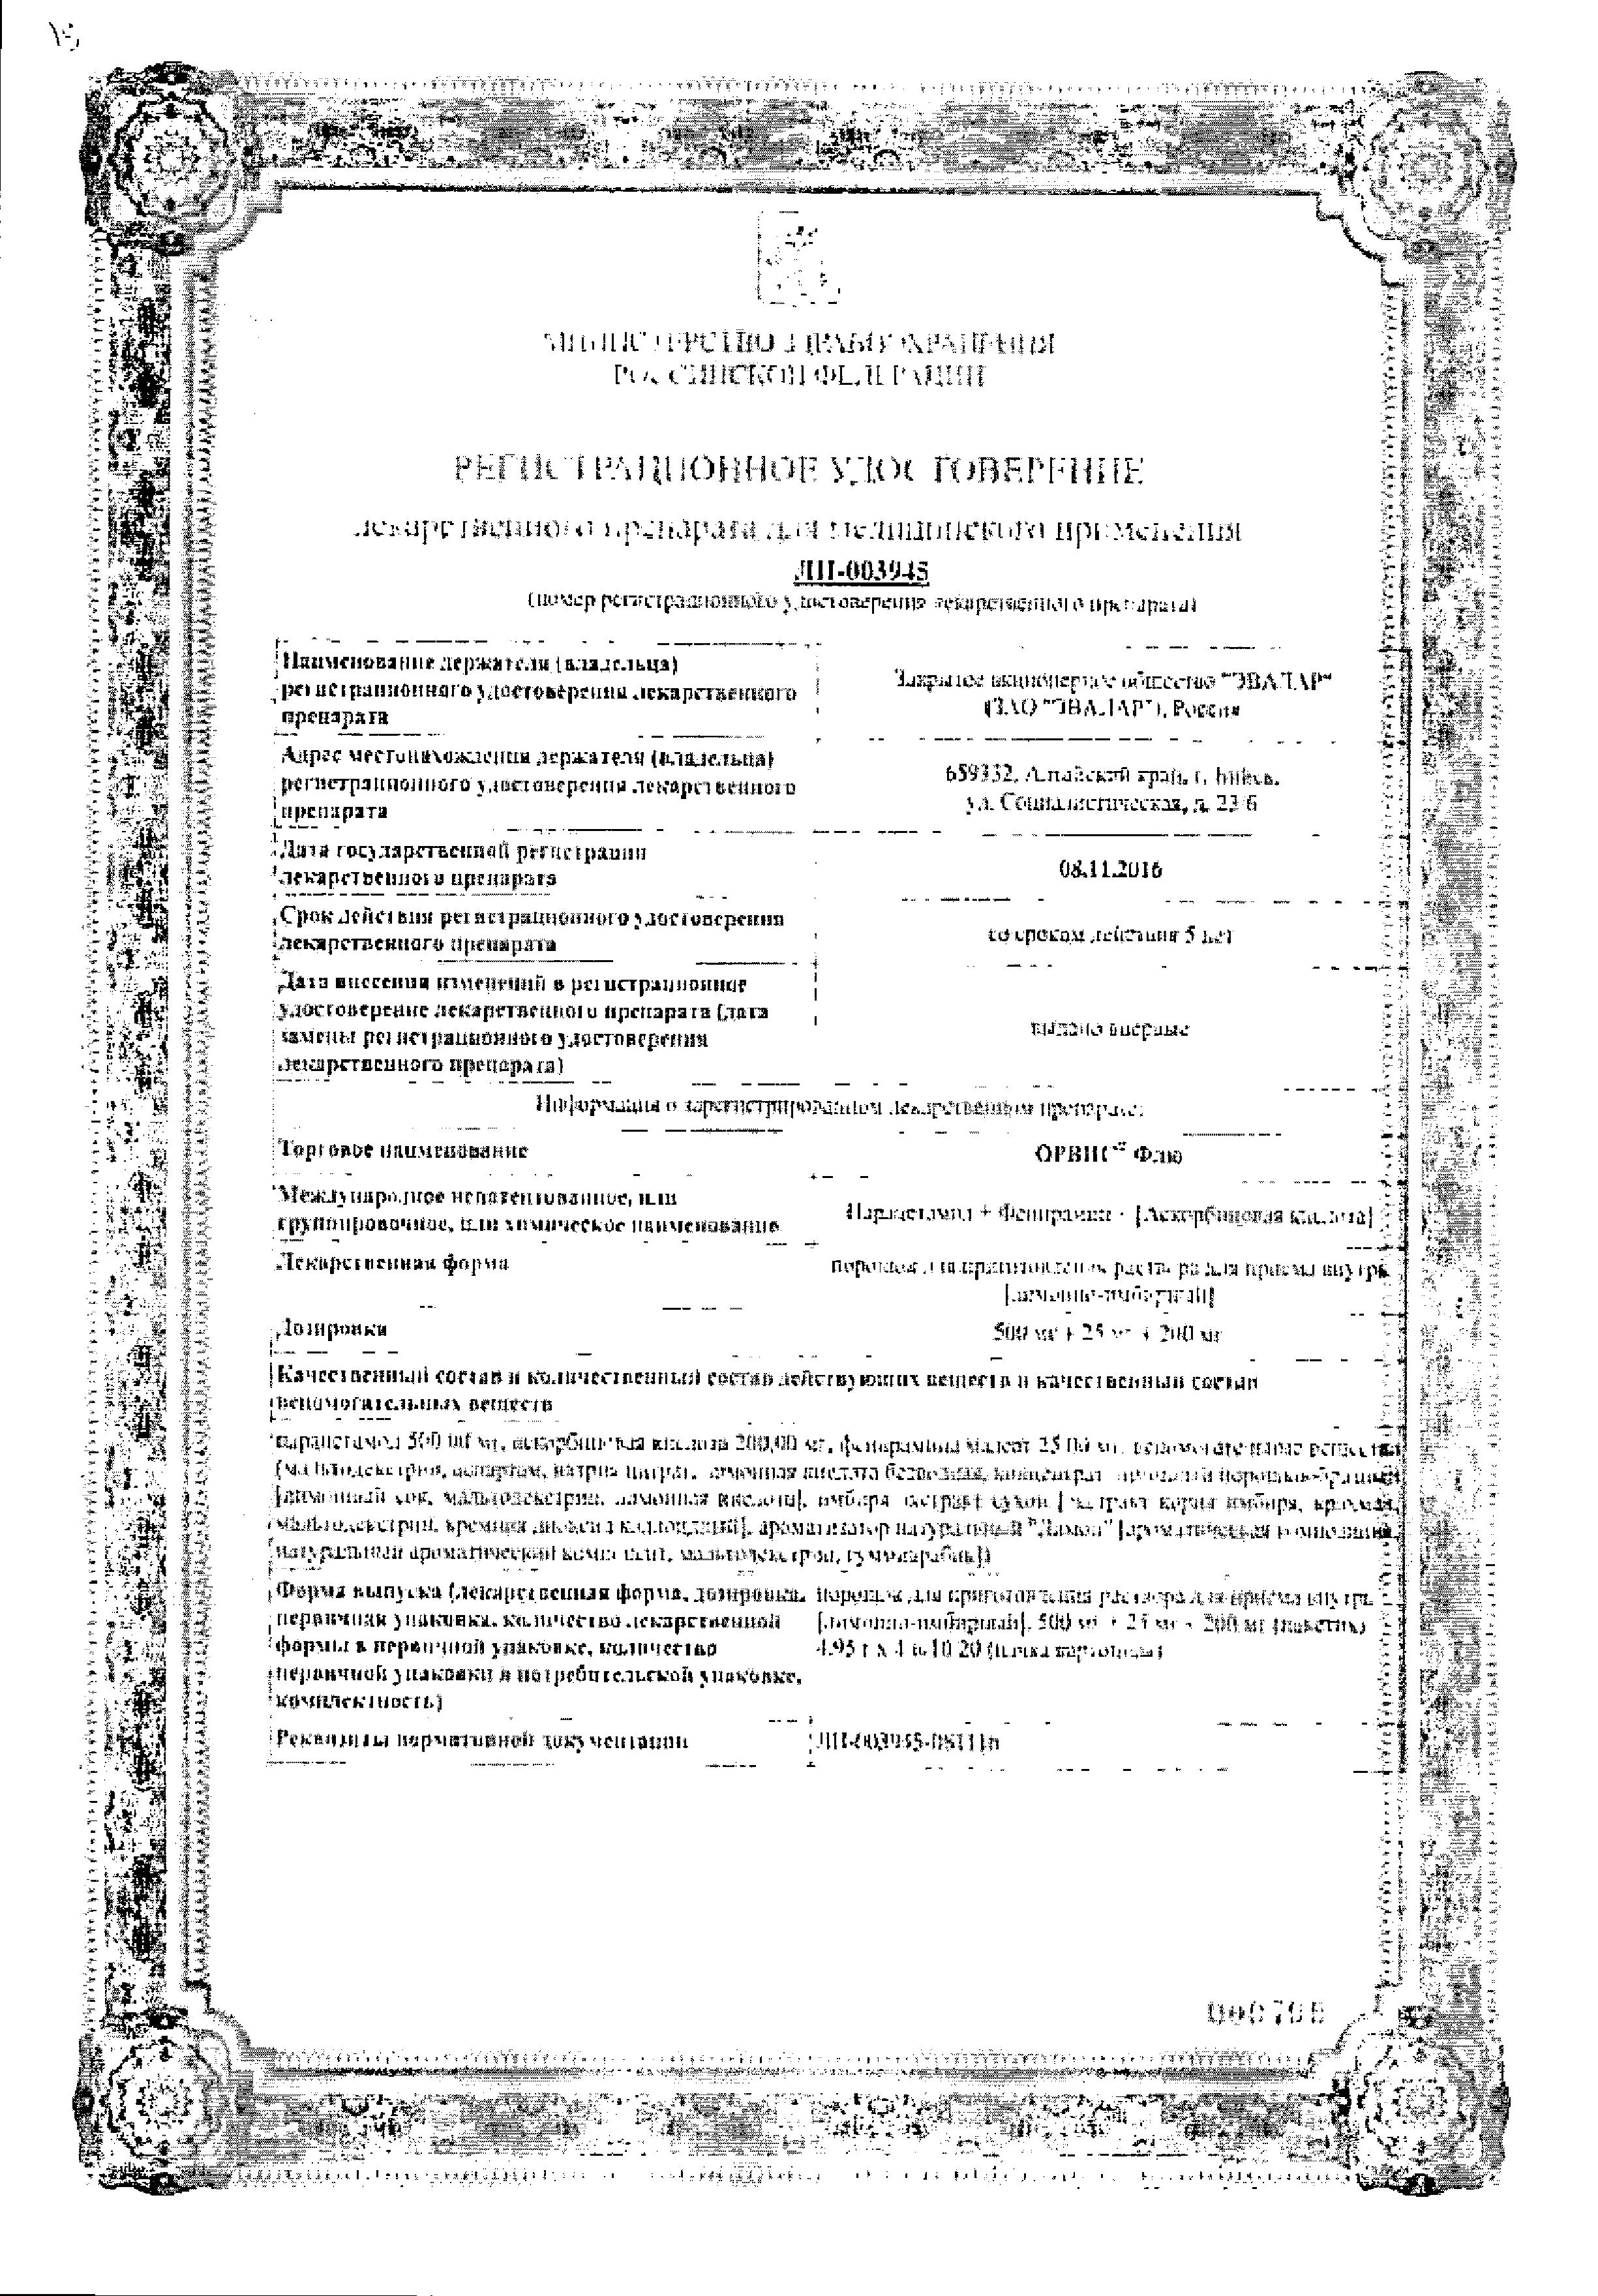 Орвис Флю сертификат